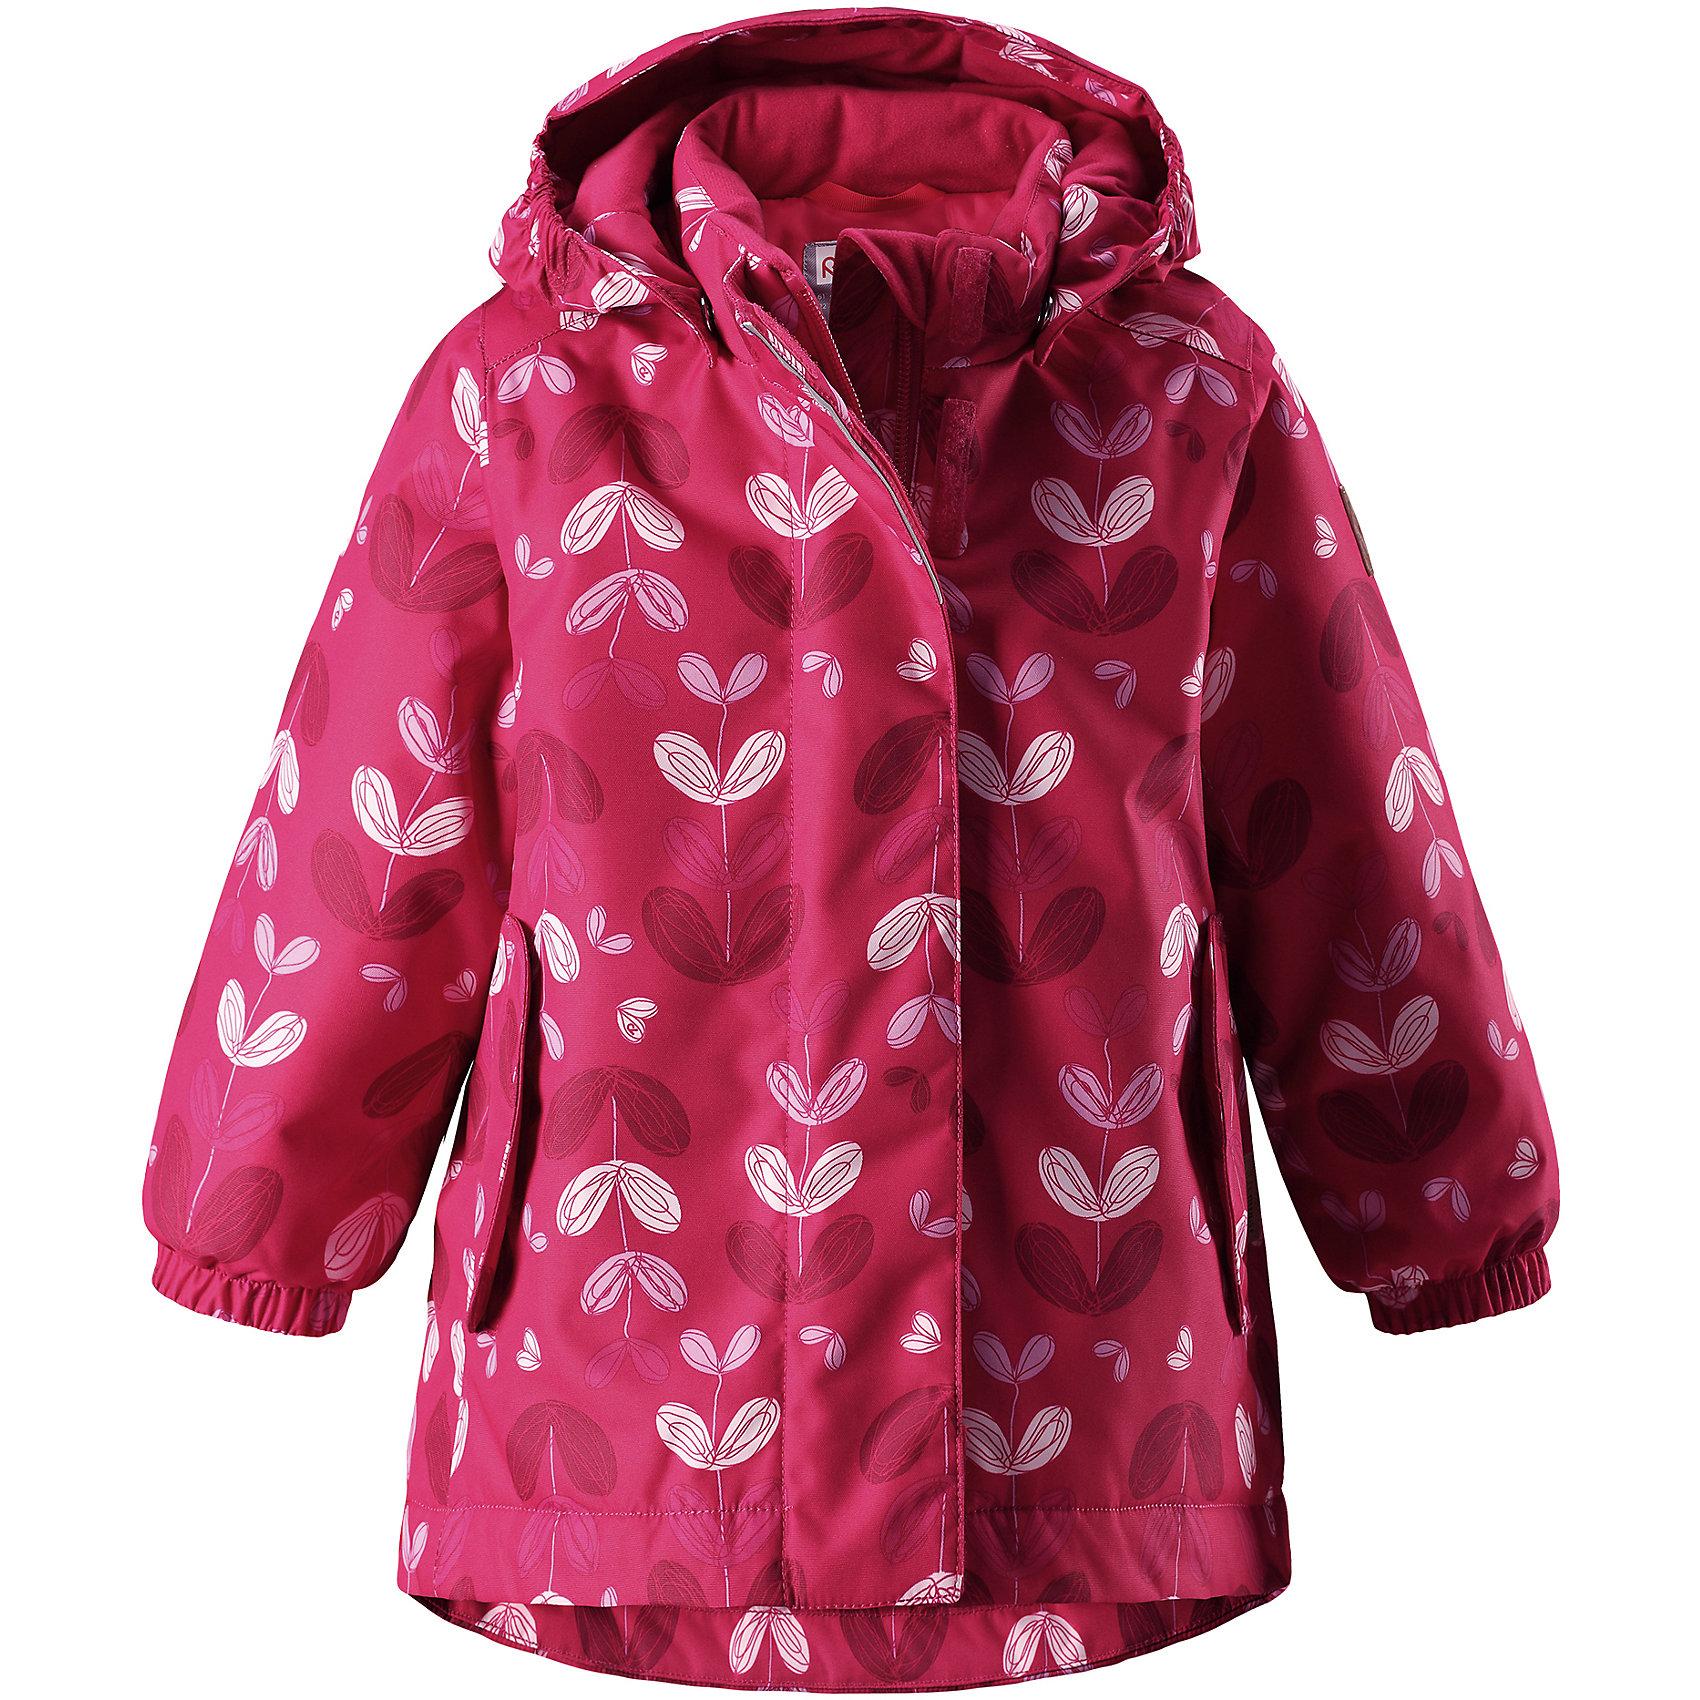 Куртка Ohra Reimatec® Reima для девочкиОдежда<br>Отличная зимняя куртка для малышей! Основные швы в куртке проклеены, а сама она изготовлена из водо- и ветронепроницаемого, грязеотталкивающего материала. Гладкая подкладка и молния во всю длину облегчают надевание. Съемный капюшон защищает от ветра, к тому же он абсолютно безопасен – легко отстегнется, если вдруг за что-нибудь зацепится. Маленькие карманы на молнии надежно сохранят все сокровища.<br>Состав:<br>100% Полиэстер<br><br>Ширина мм: 356<br>Глубина мм: 10<br>Высота мм: 245<br>Вес г: 519<br>Цвет: розовый<br>Возраст от месяцев: 12<br>Возраст до месяцев: 15<br>Пол: Женский<br>Возраст: Детский<br>Размер: 80,86,92,98<br>SKU: 6968452